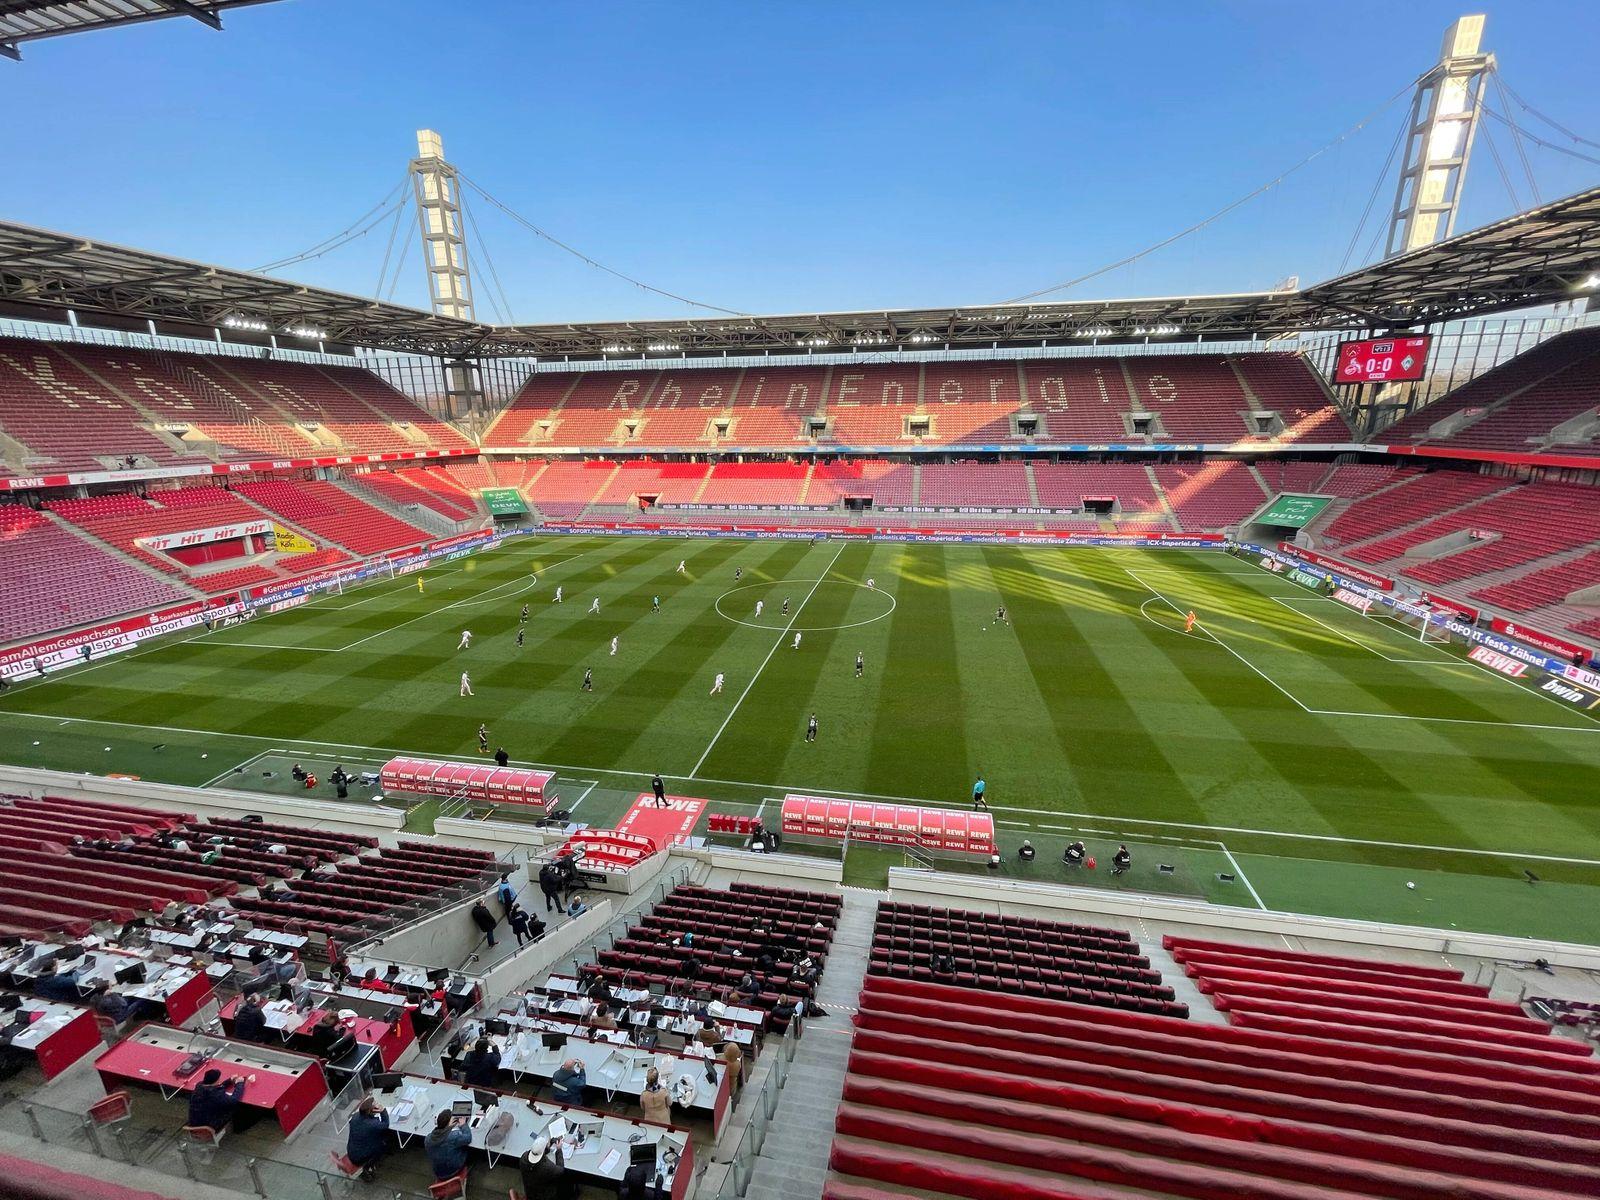 RheinEnergieStadion, Innenansicht, unten die Pressetribüne 07.03.2021, Fussball GER, Saison 2020 2021, 1. Bundesliga, 2